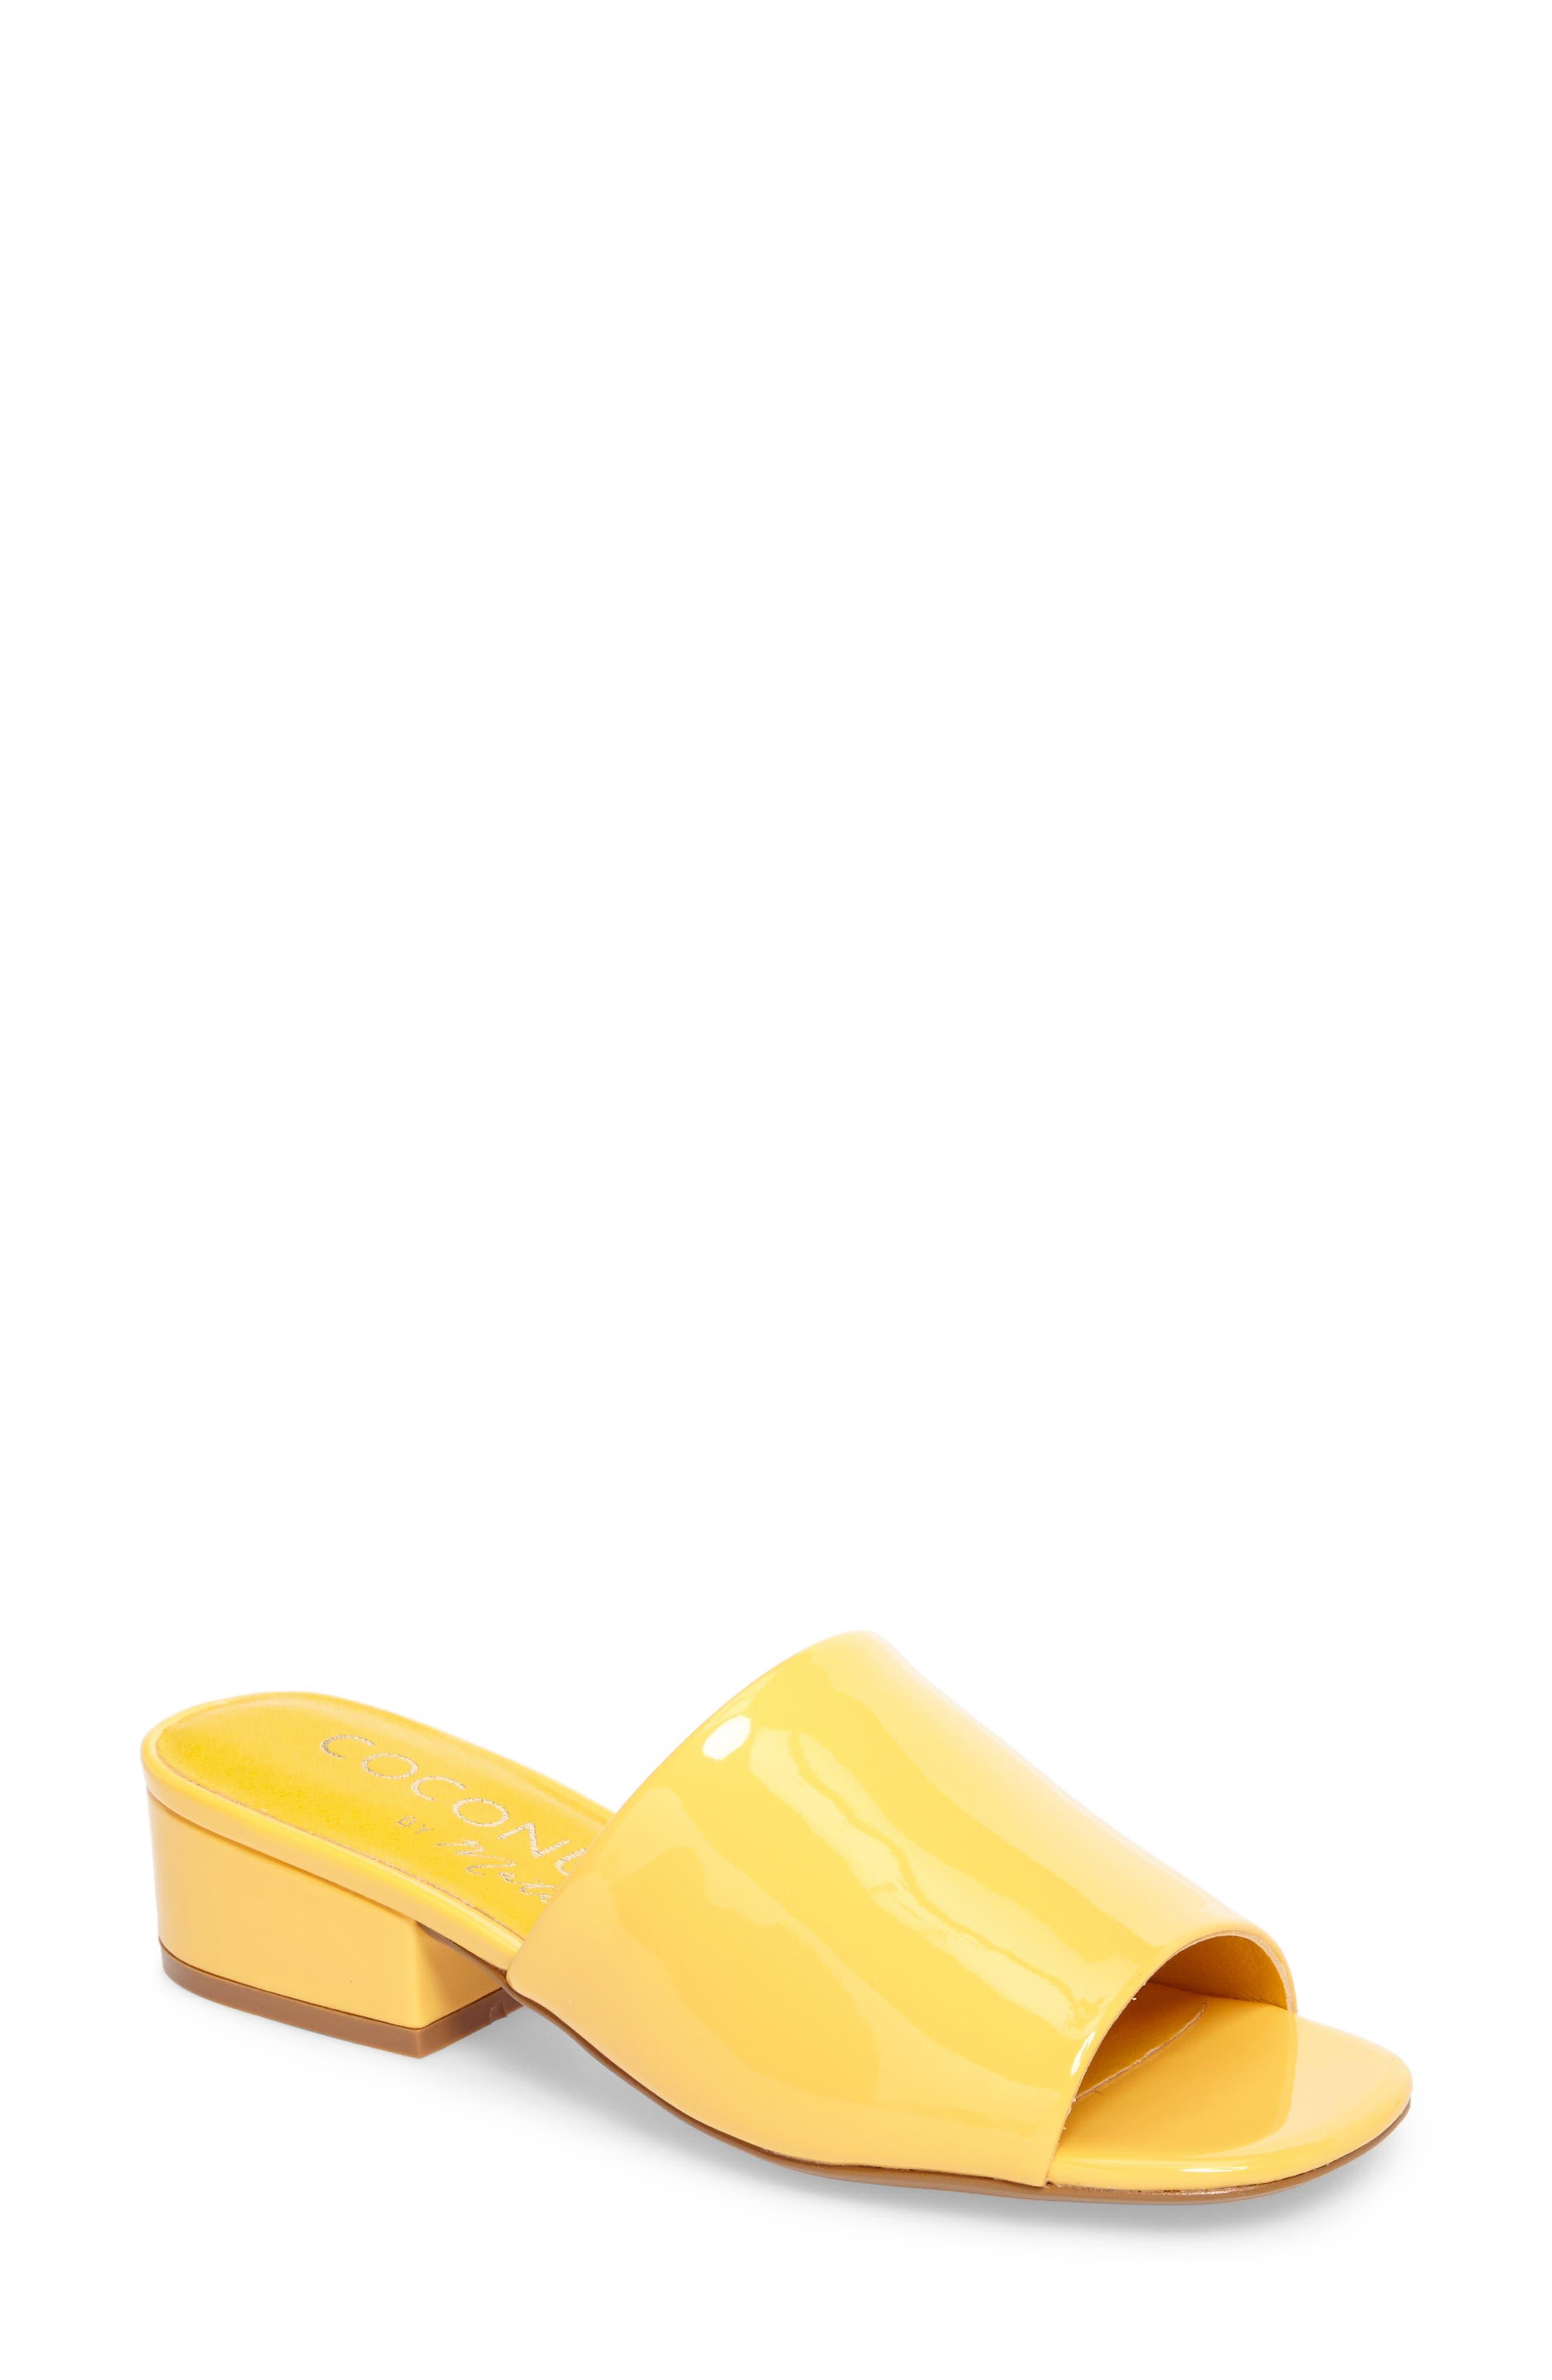 Plantain Slide Sandal,                             Main thumbnail 1, color,                             Mango